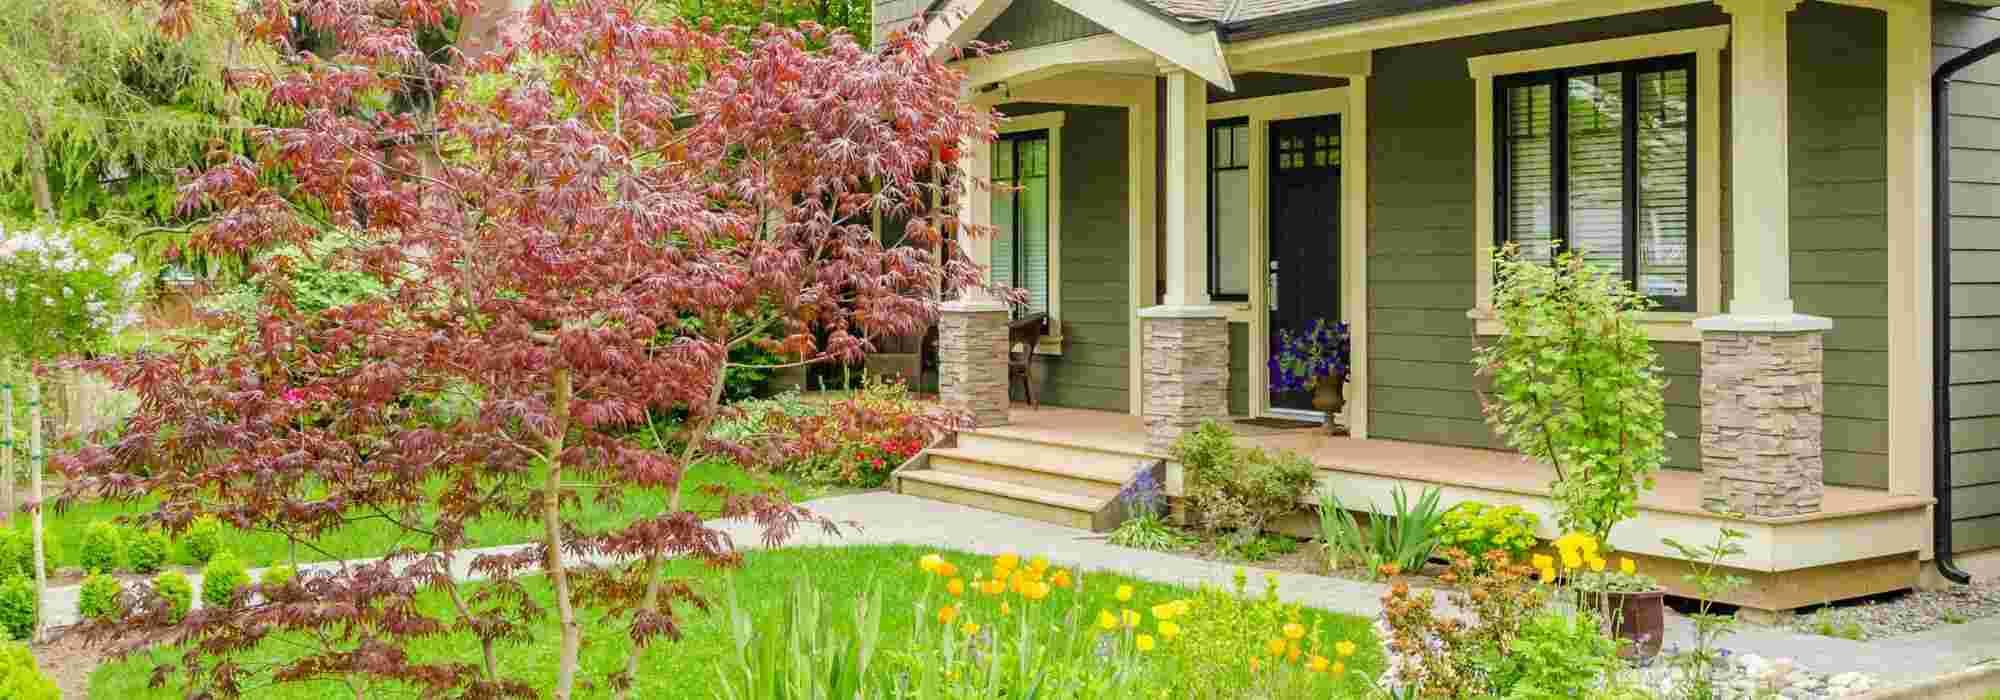 Incroyable Aménager un jardin devant une maison - Conseils de paysagiste TD-41